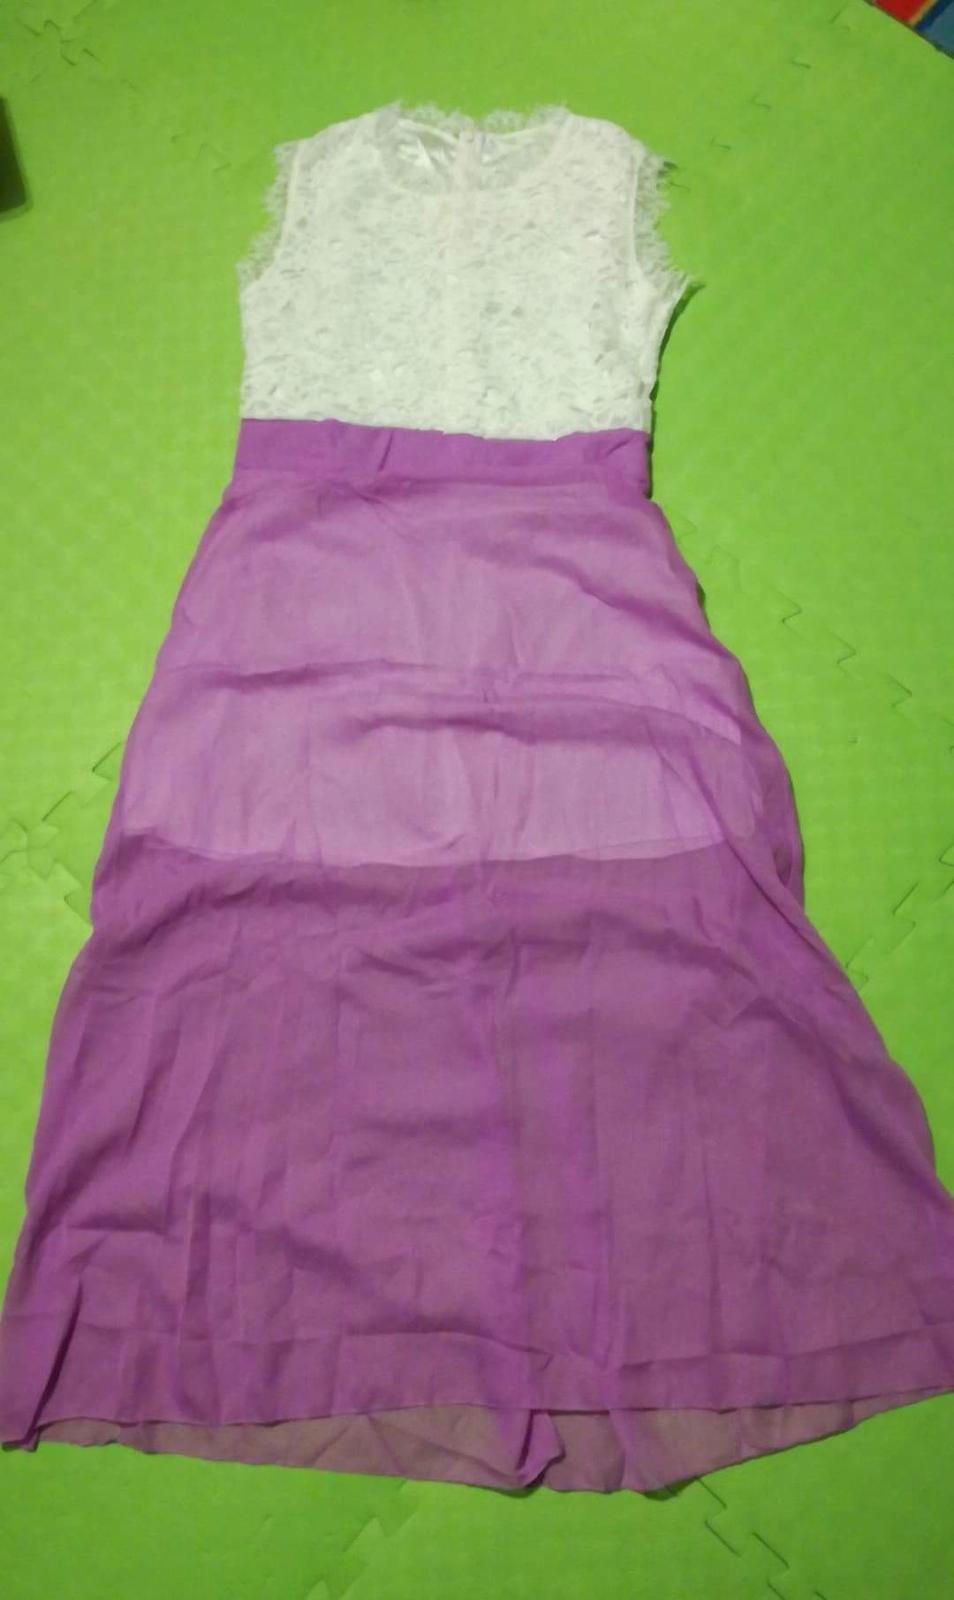 Cipkovane cyklamenové šaty M - Obrázok č. 1